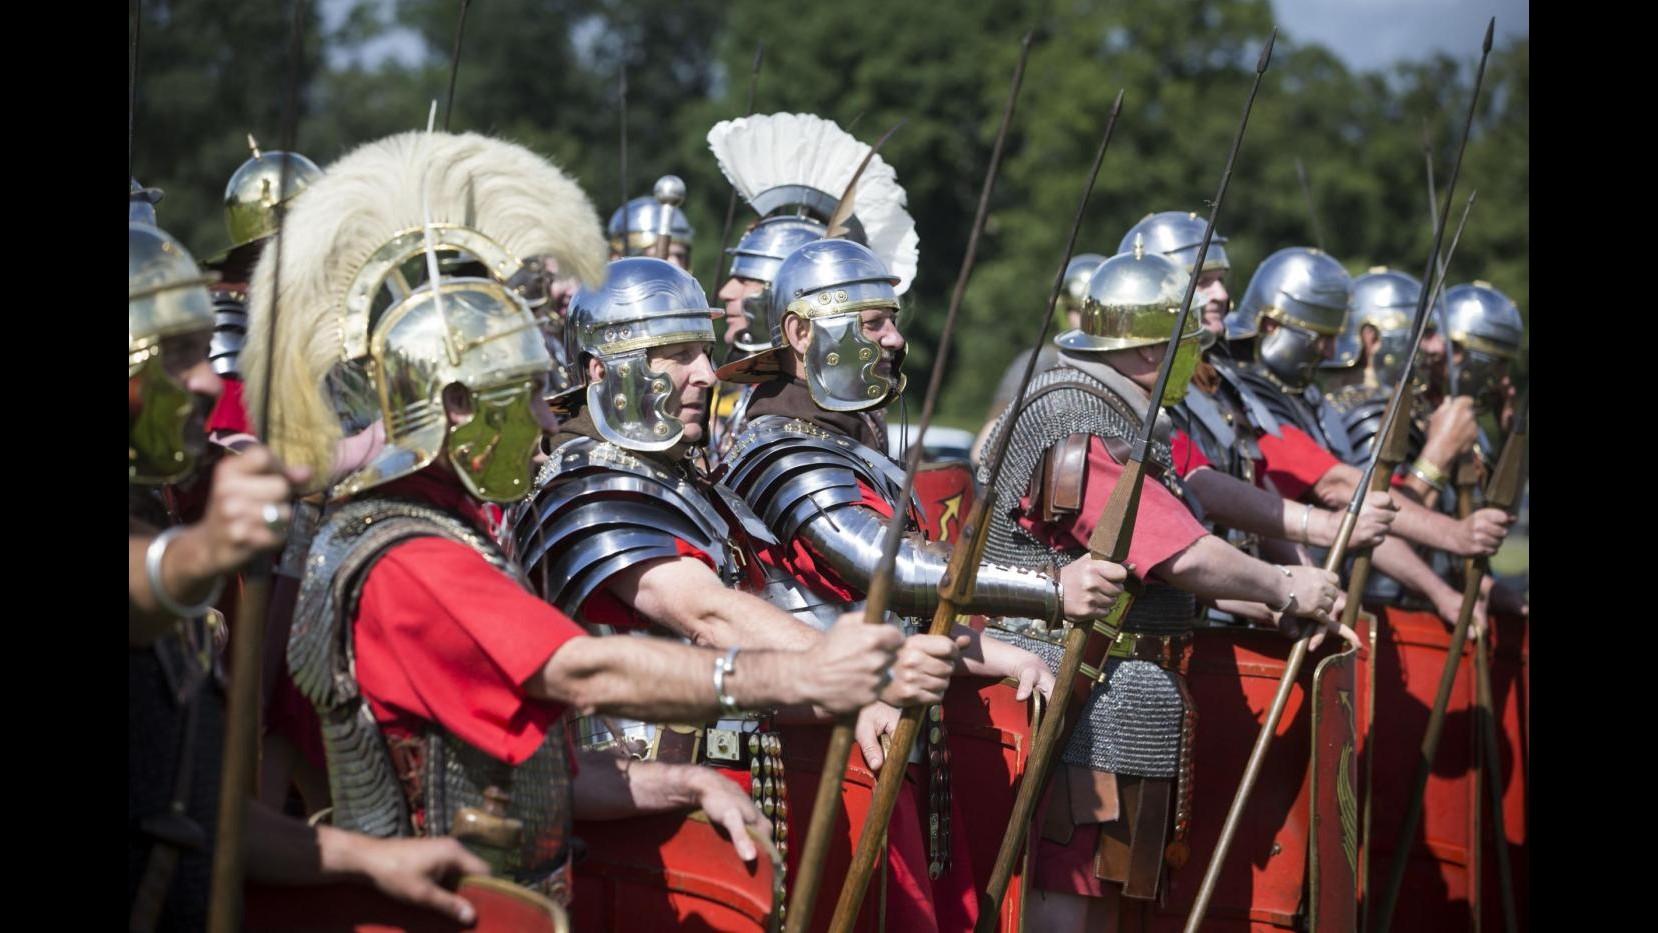 Ricostruzione storica per l'anniversario di Adriano: 1900 anni fa diventava imperatore